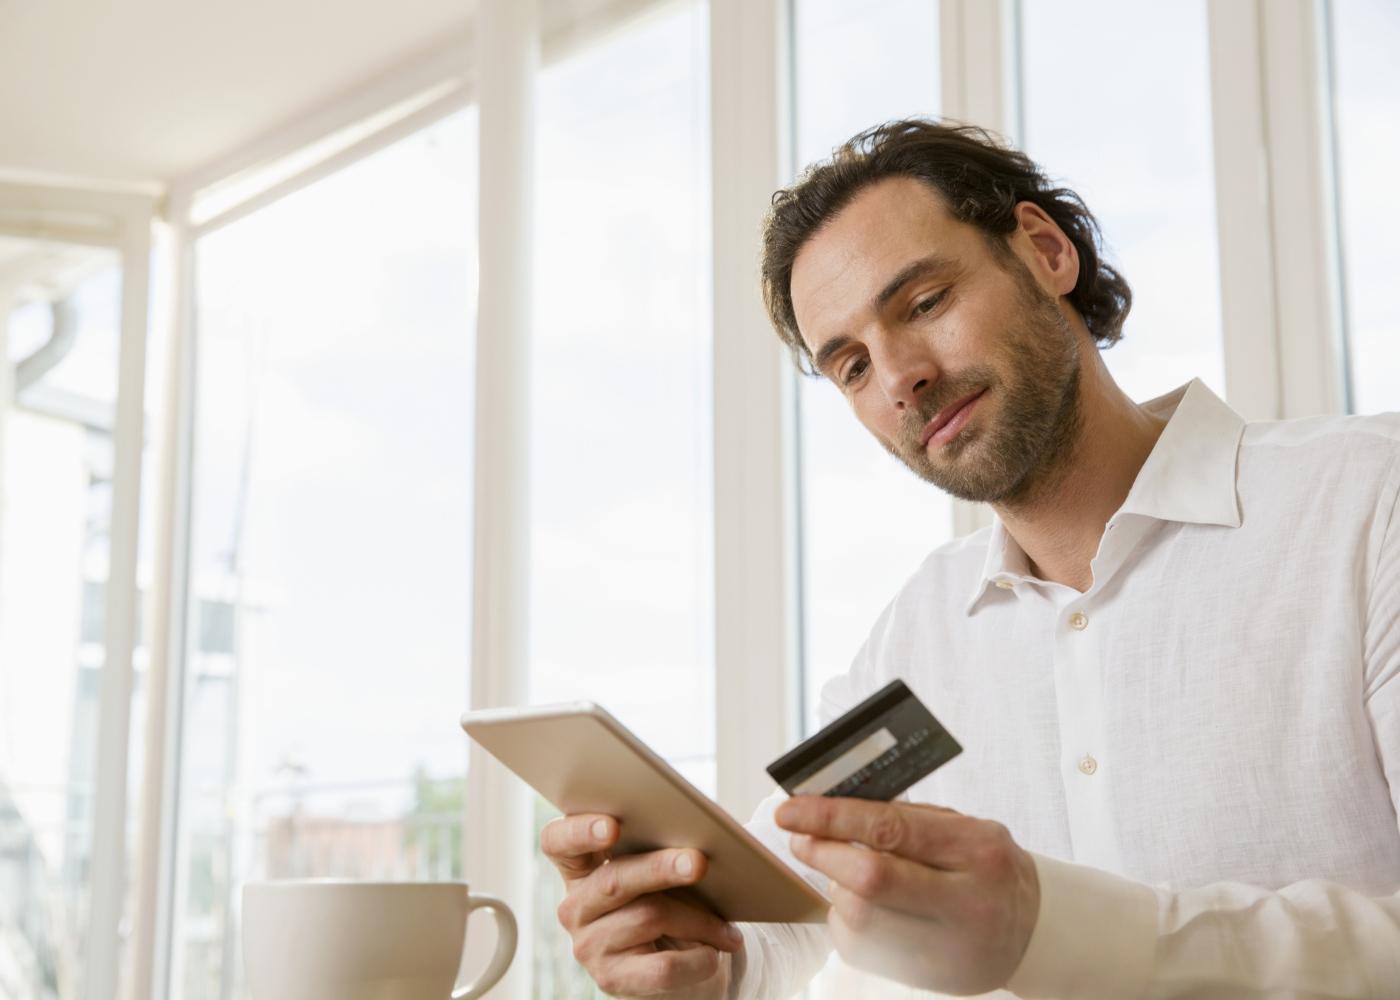 compras-cartao-credito